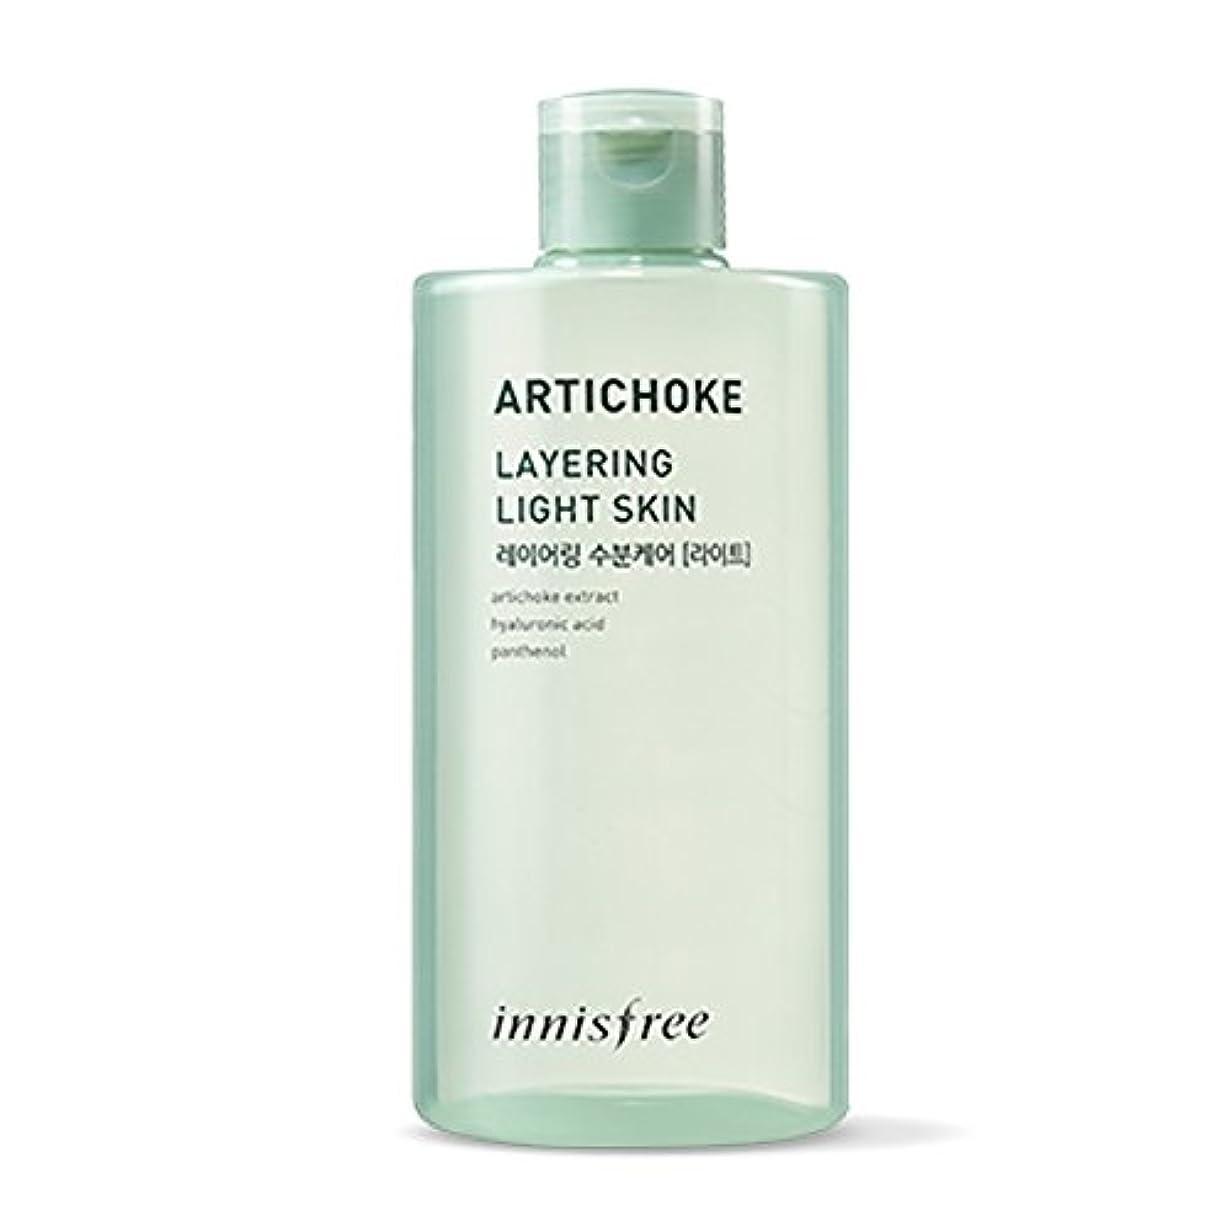 宣伝ひいきにするトリップイニスフリーアーティチョークレイヤーライトスキン(トナー)400ml Innisfree Artichoke Layering Light Skin (Toner) 400ml [海外直送品] [並行輸入品]